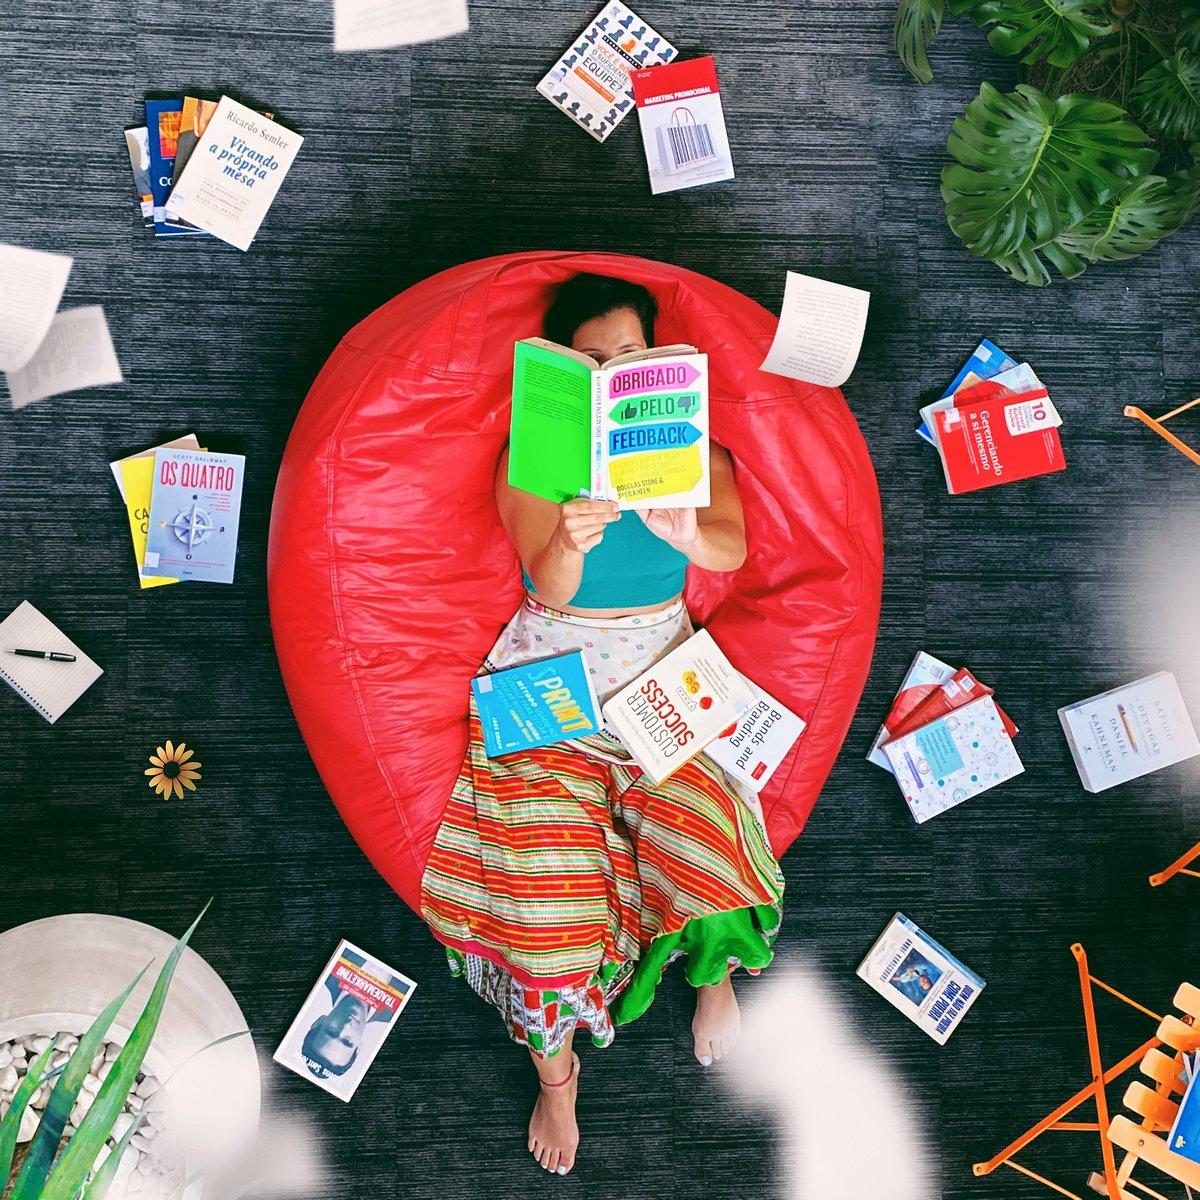 Día de leer un libro: 5 autores colombianos que debes leer